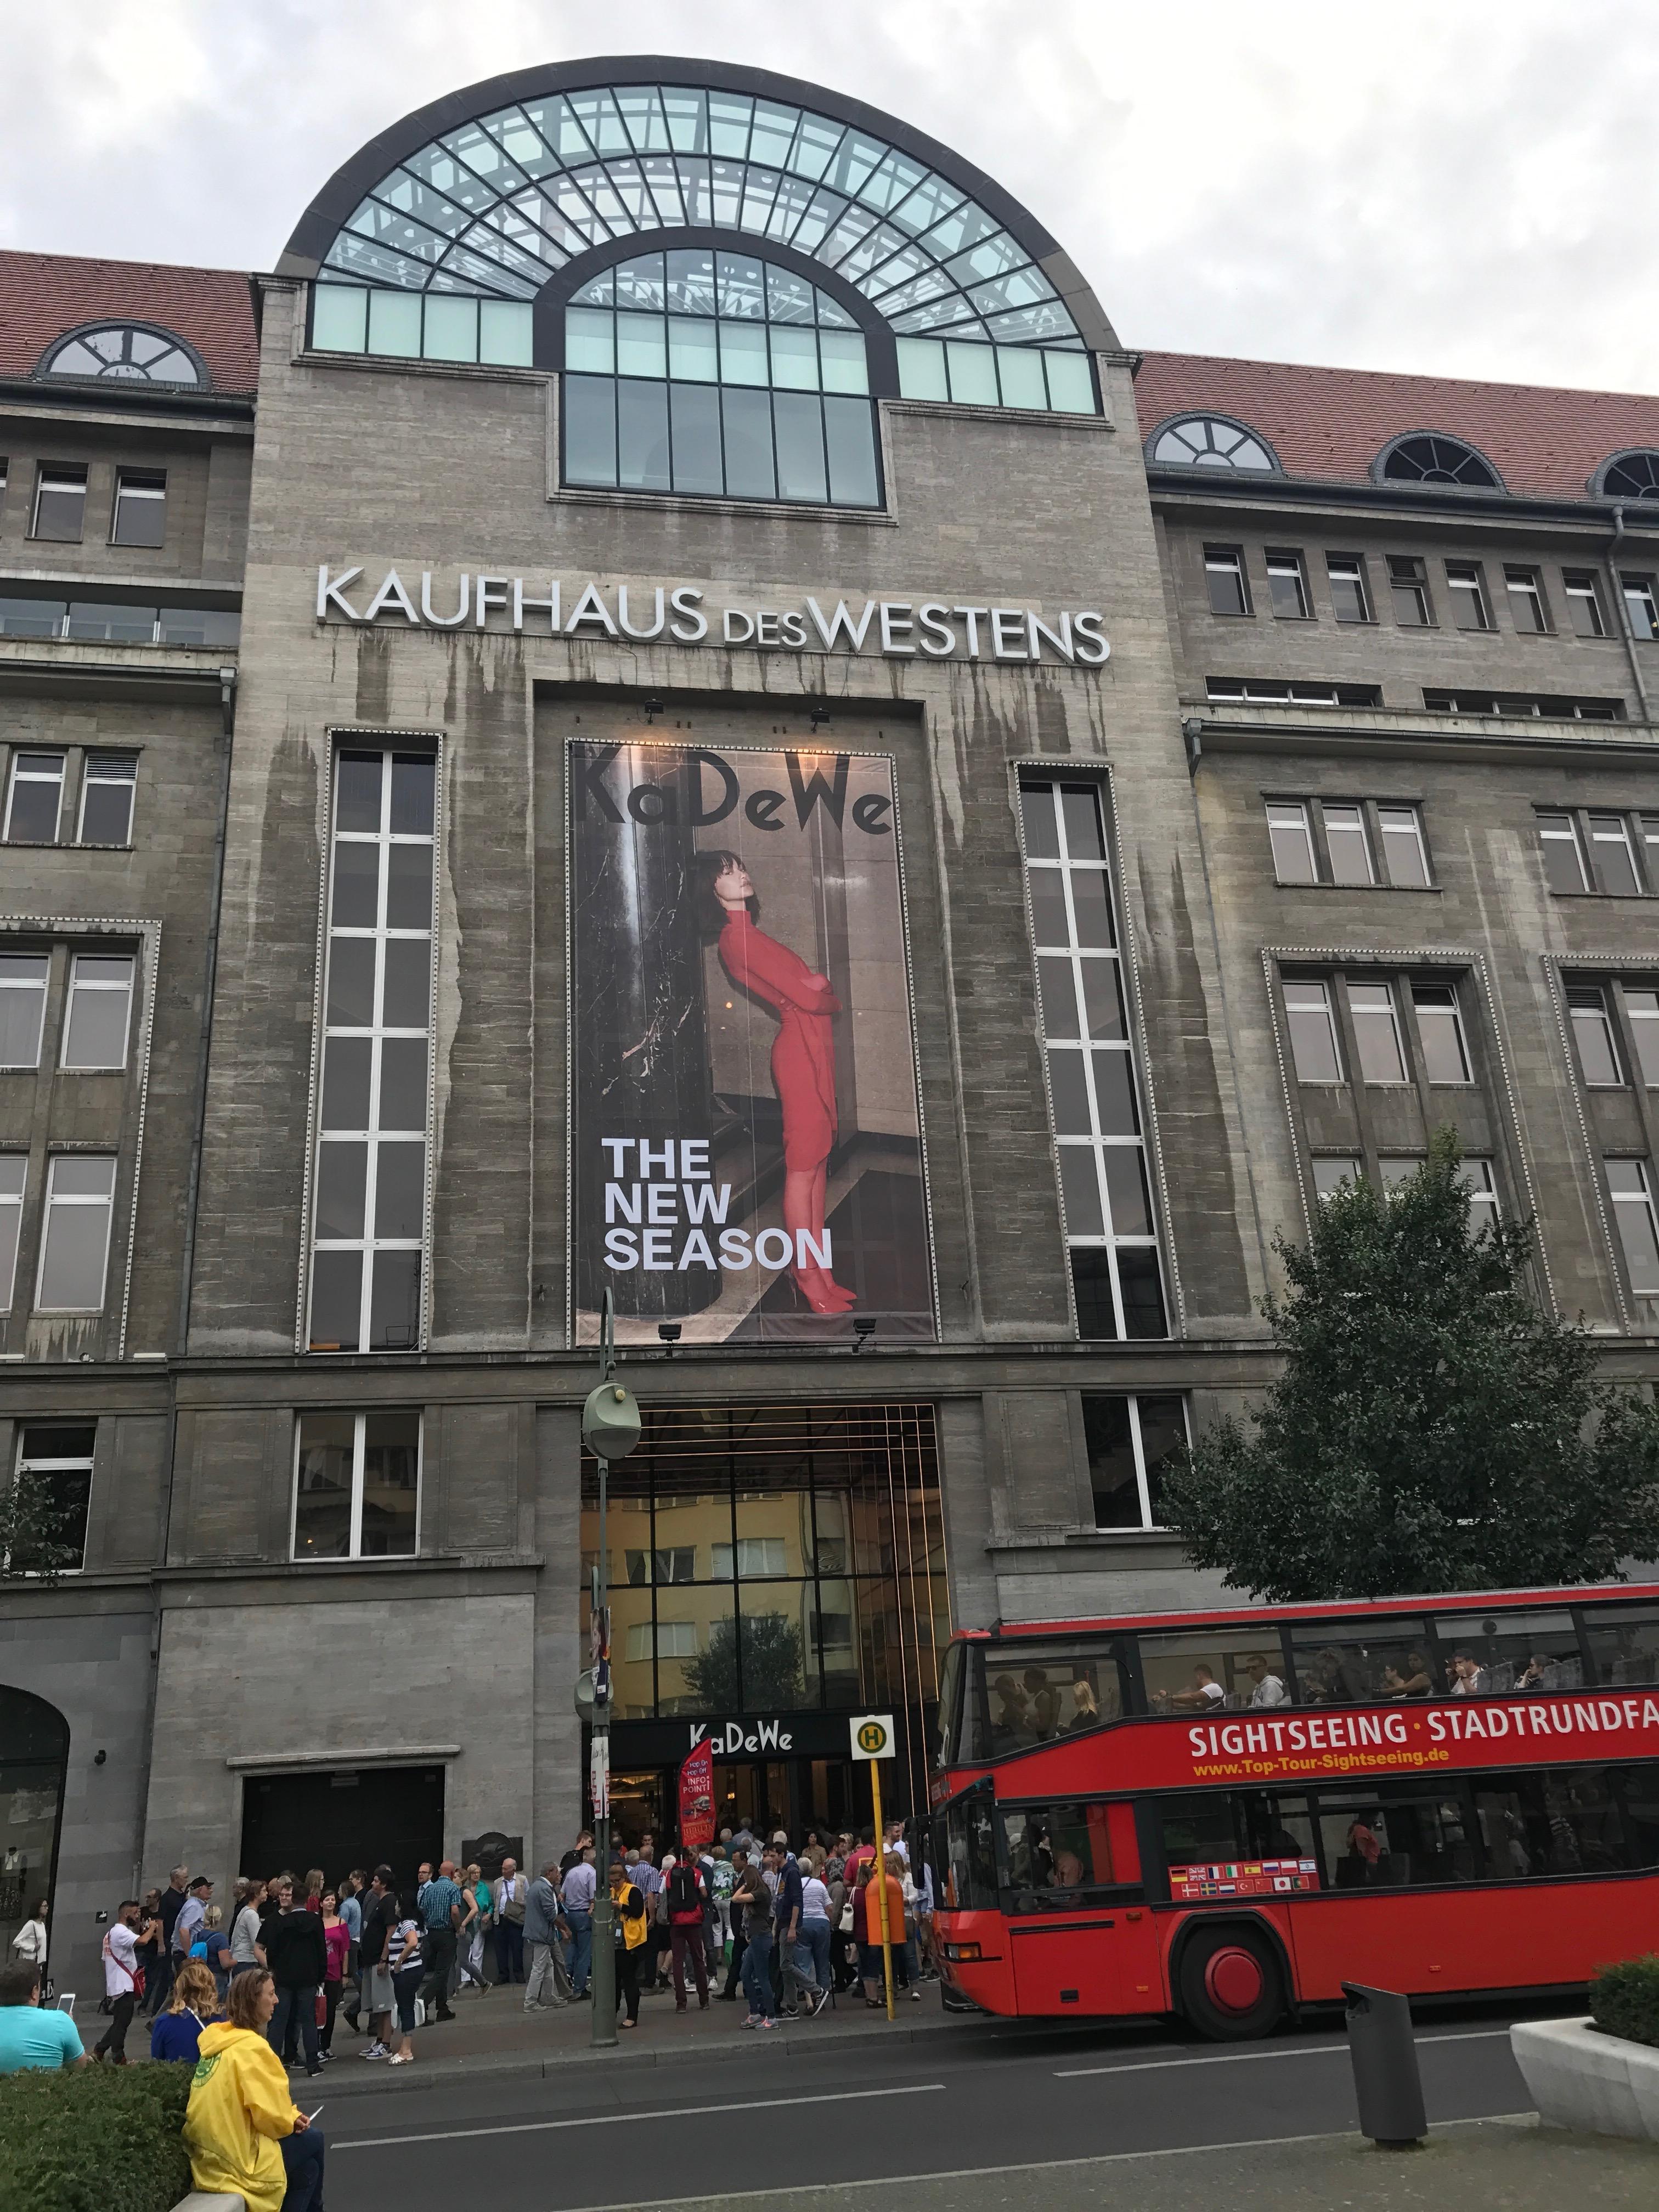 IMG_8109 برلين عاصمة الحرب و السلام , هنا تجدون رحلتي لها مع اهم الاماكن السياحية و الفنادق و الاسواق و بعض المطاعم .